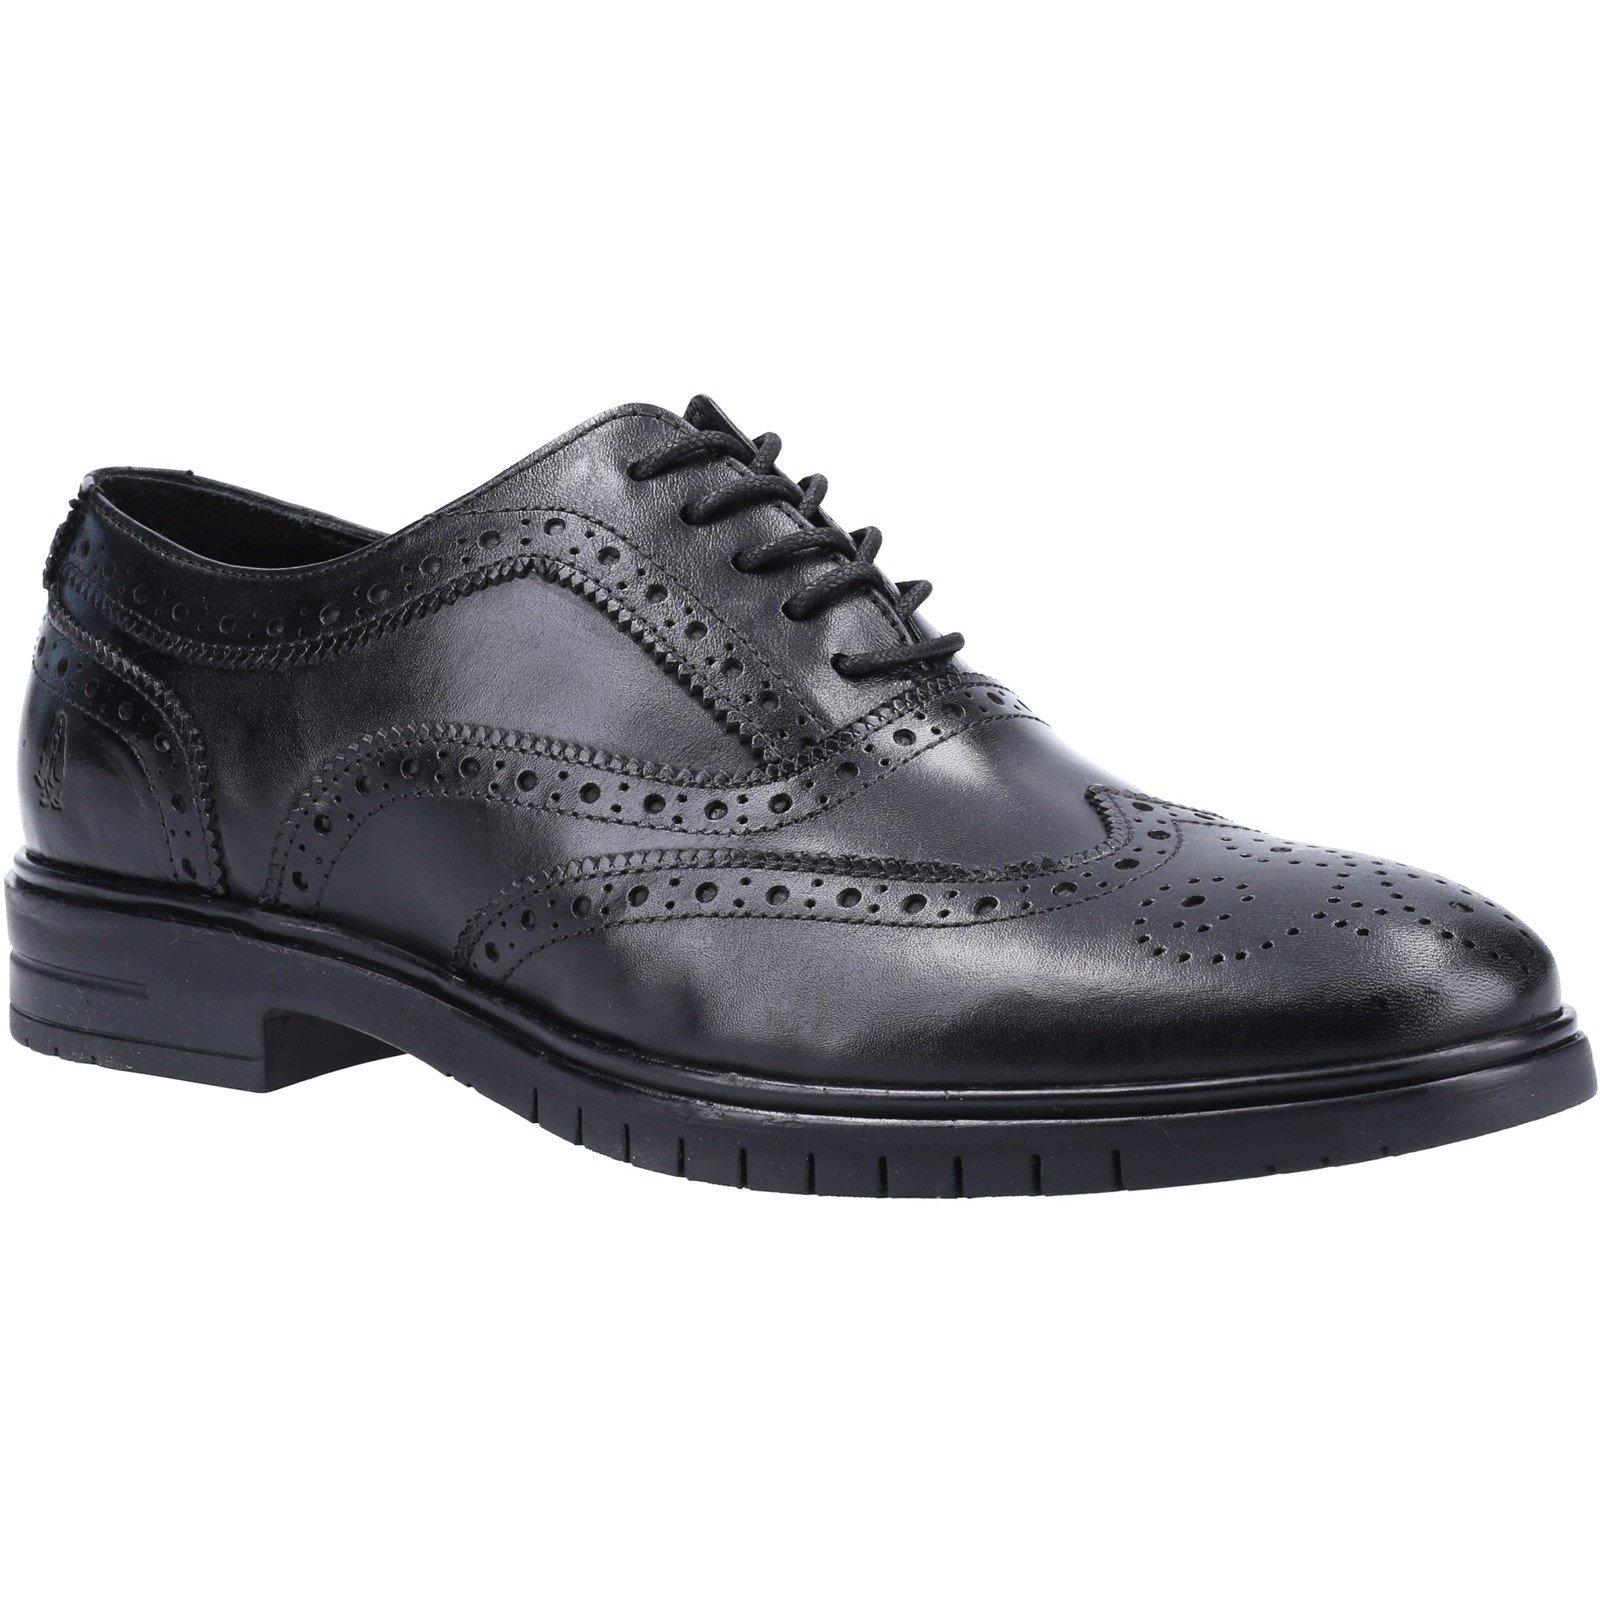 Hush Puppies Men's Santiago Lace Brogue Shoe Black 31989 - Black 10